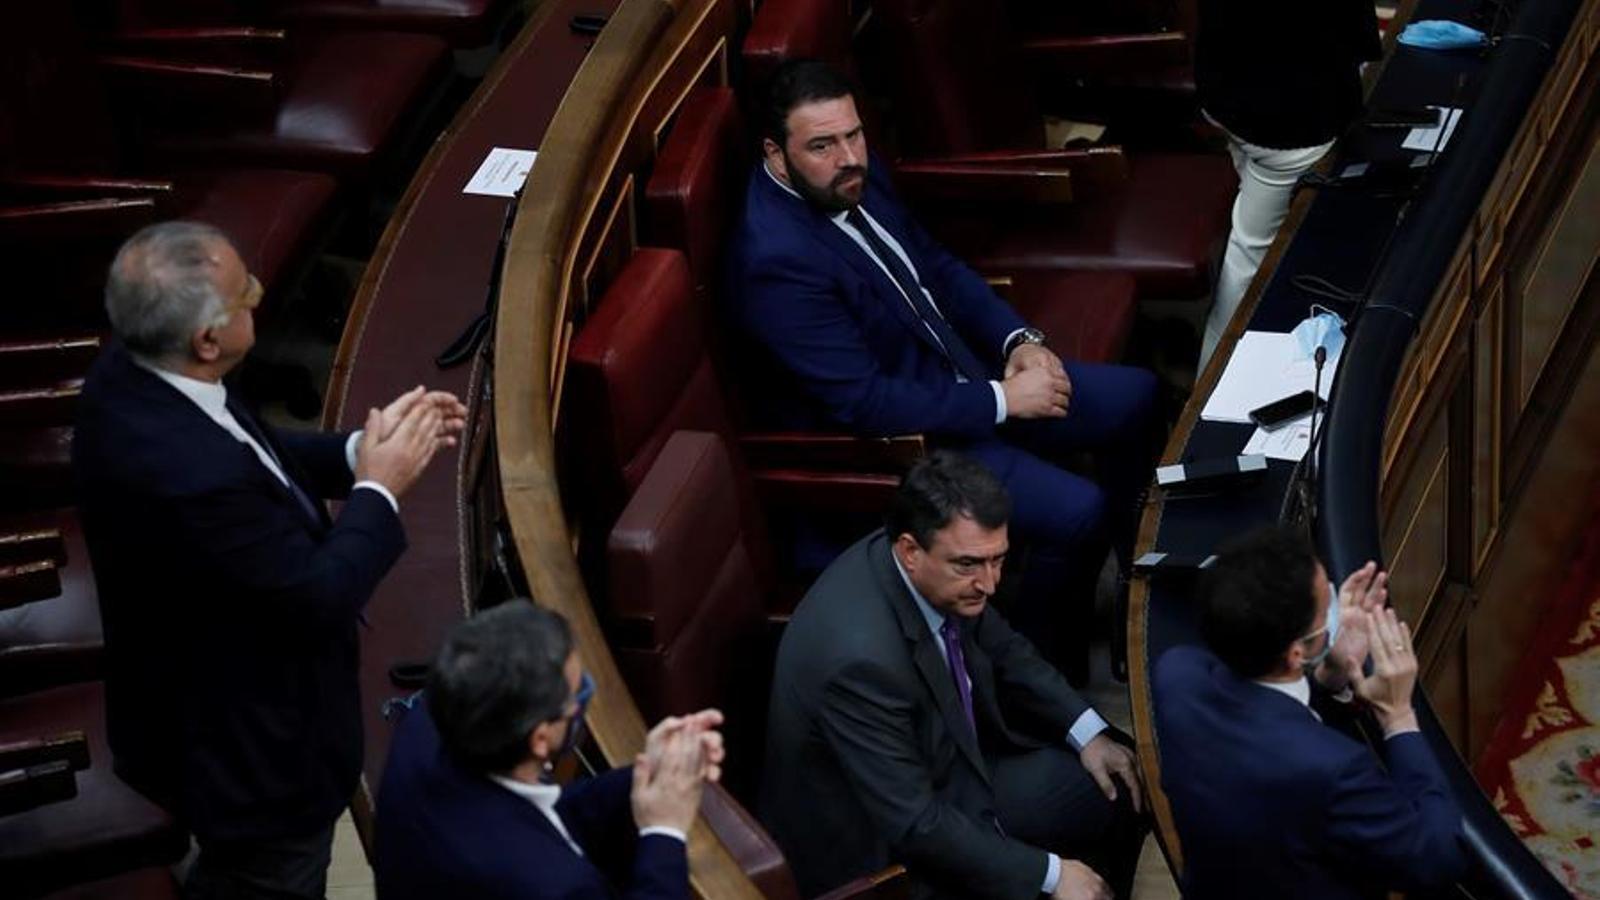 El diputat d'EH Bildu Jon Iñarritu i el portaveu del PNB, Aitor Esteban, a l'acte d'homenatge a les víctimes del terrorisme al Congrés